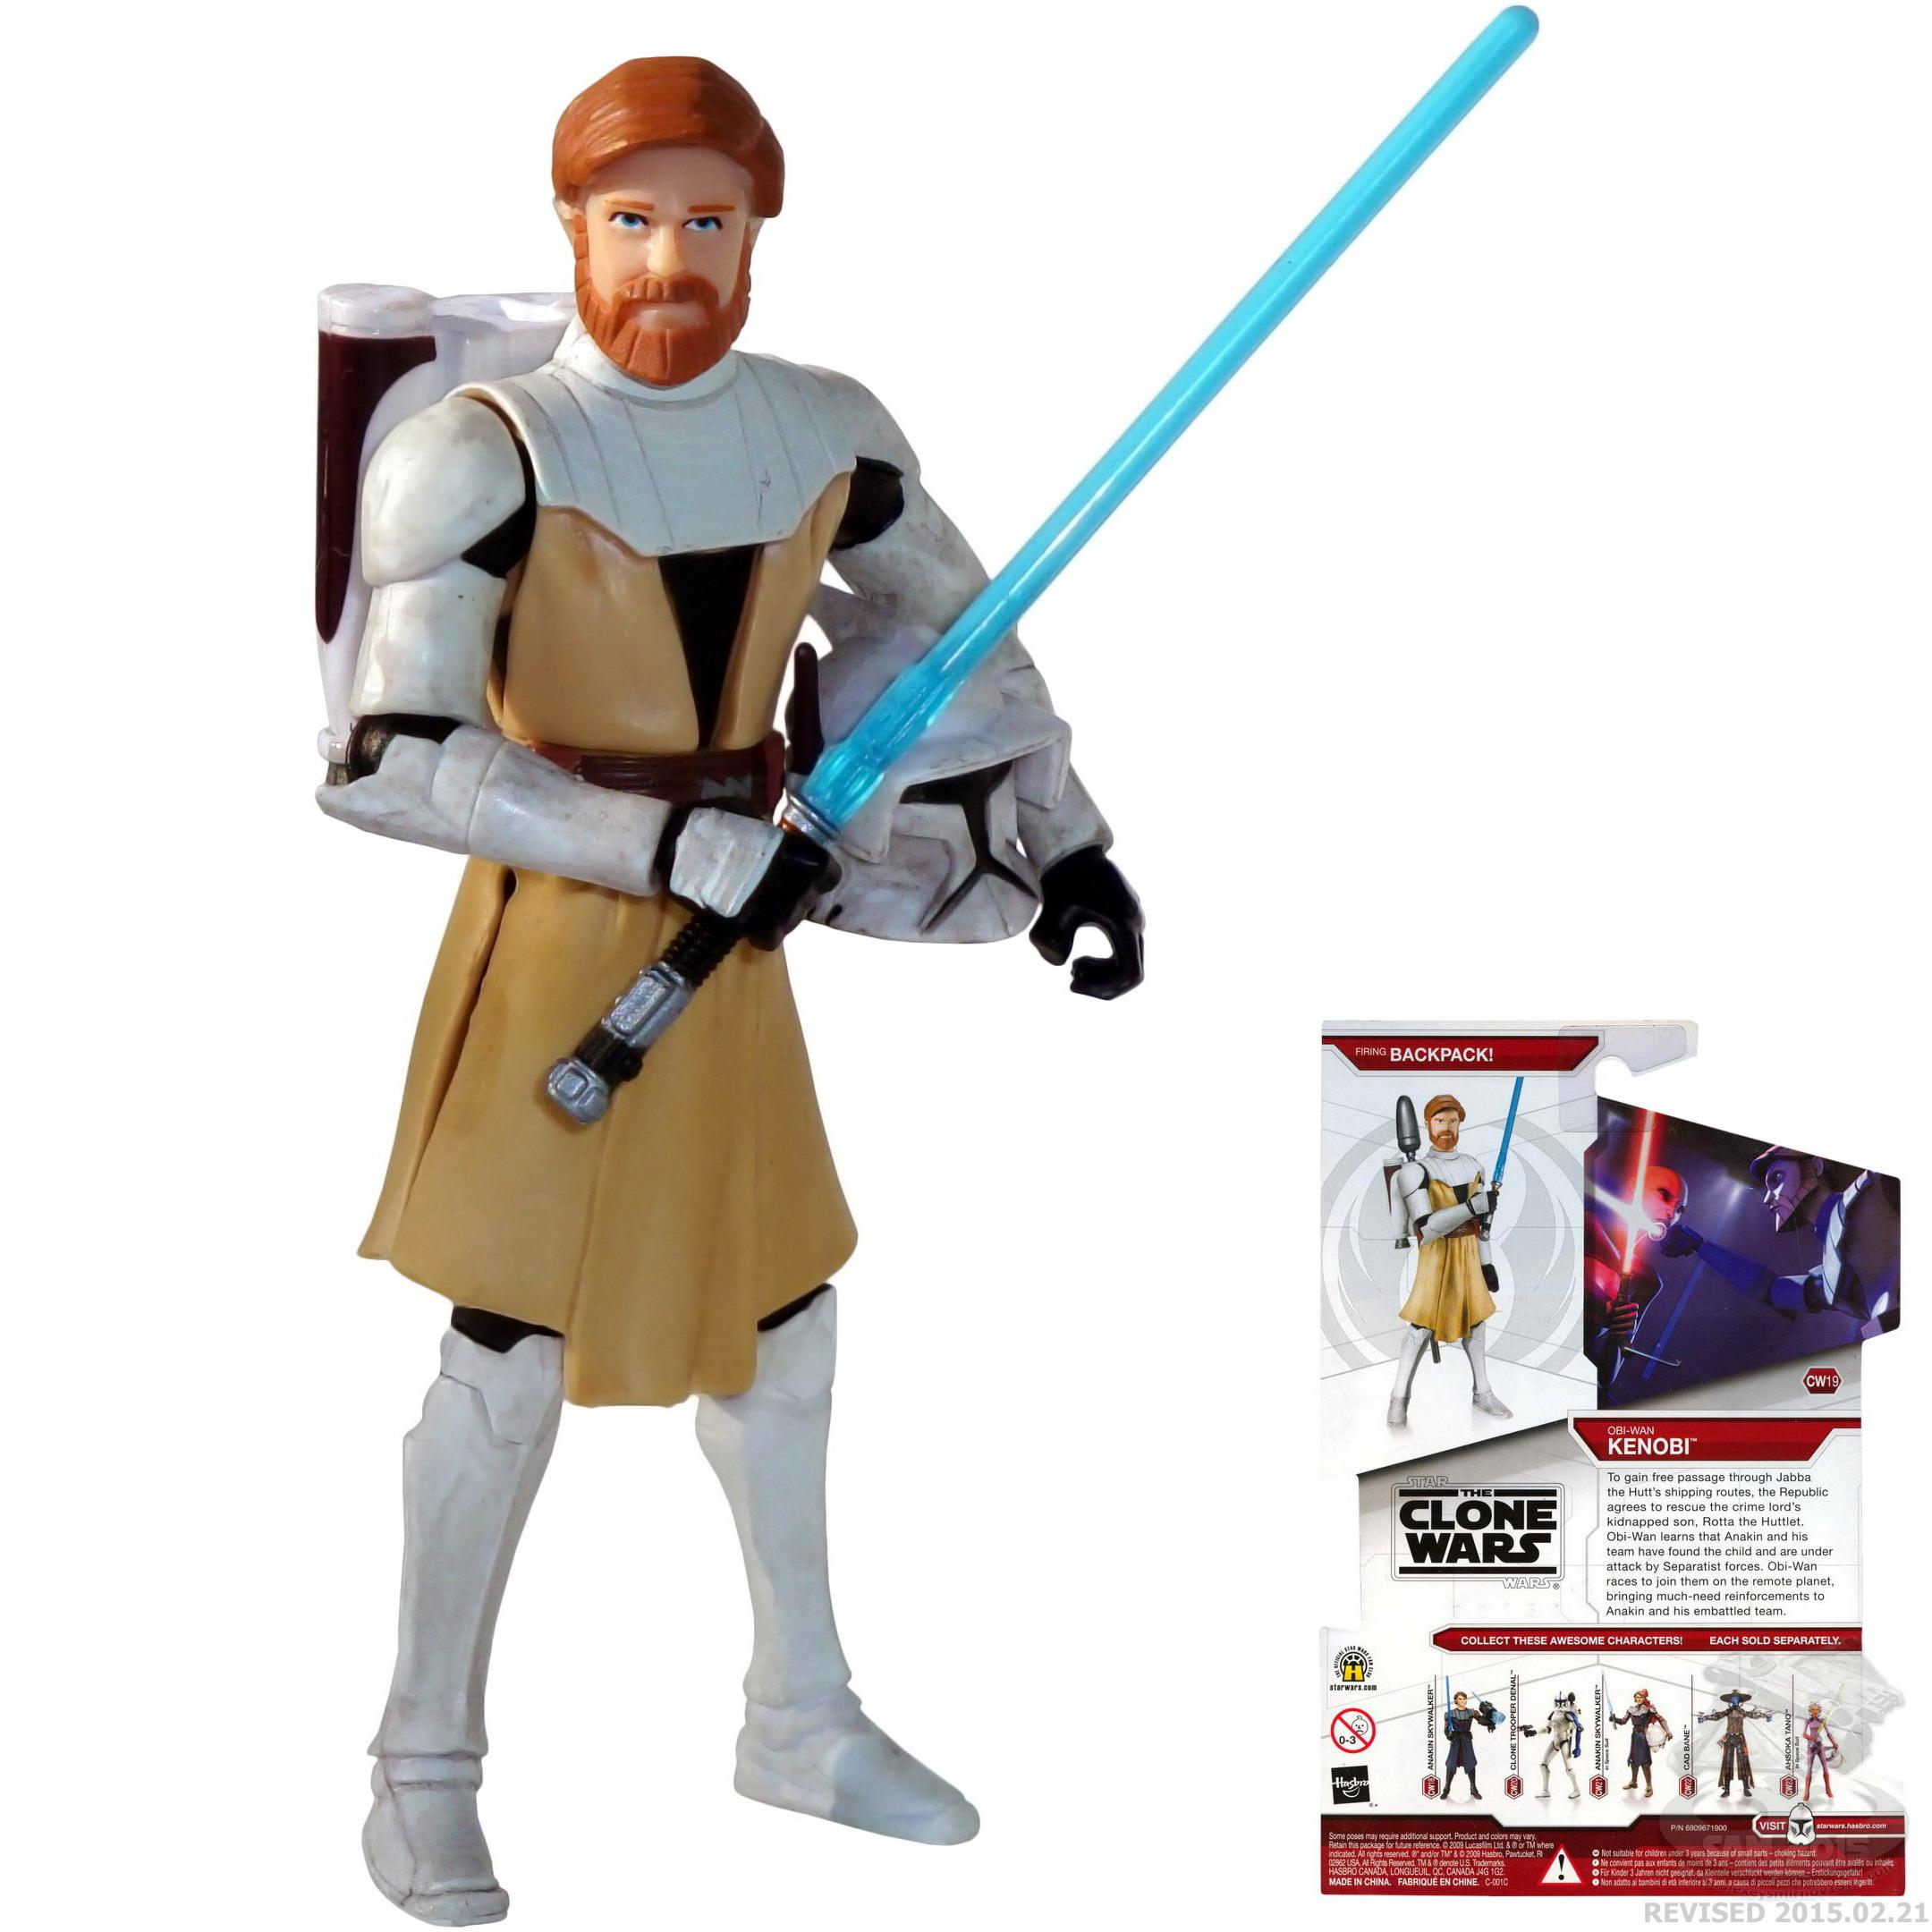 Wan Wars The Clone FigurinesStatues Star Kenobi Action Obi w80OkXPNn